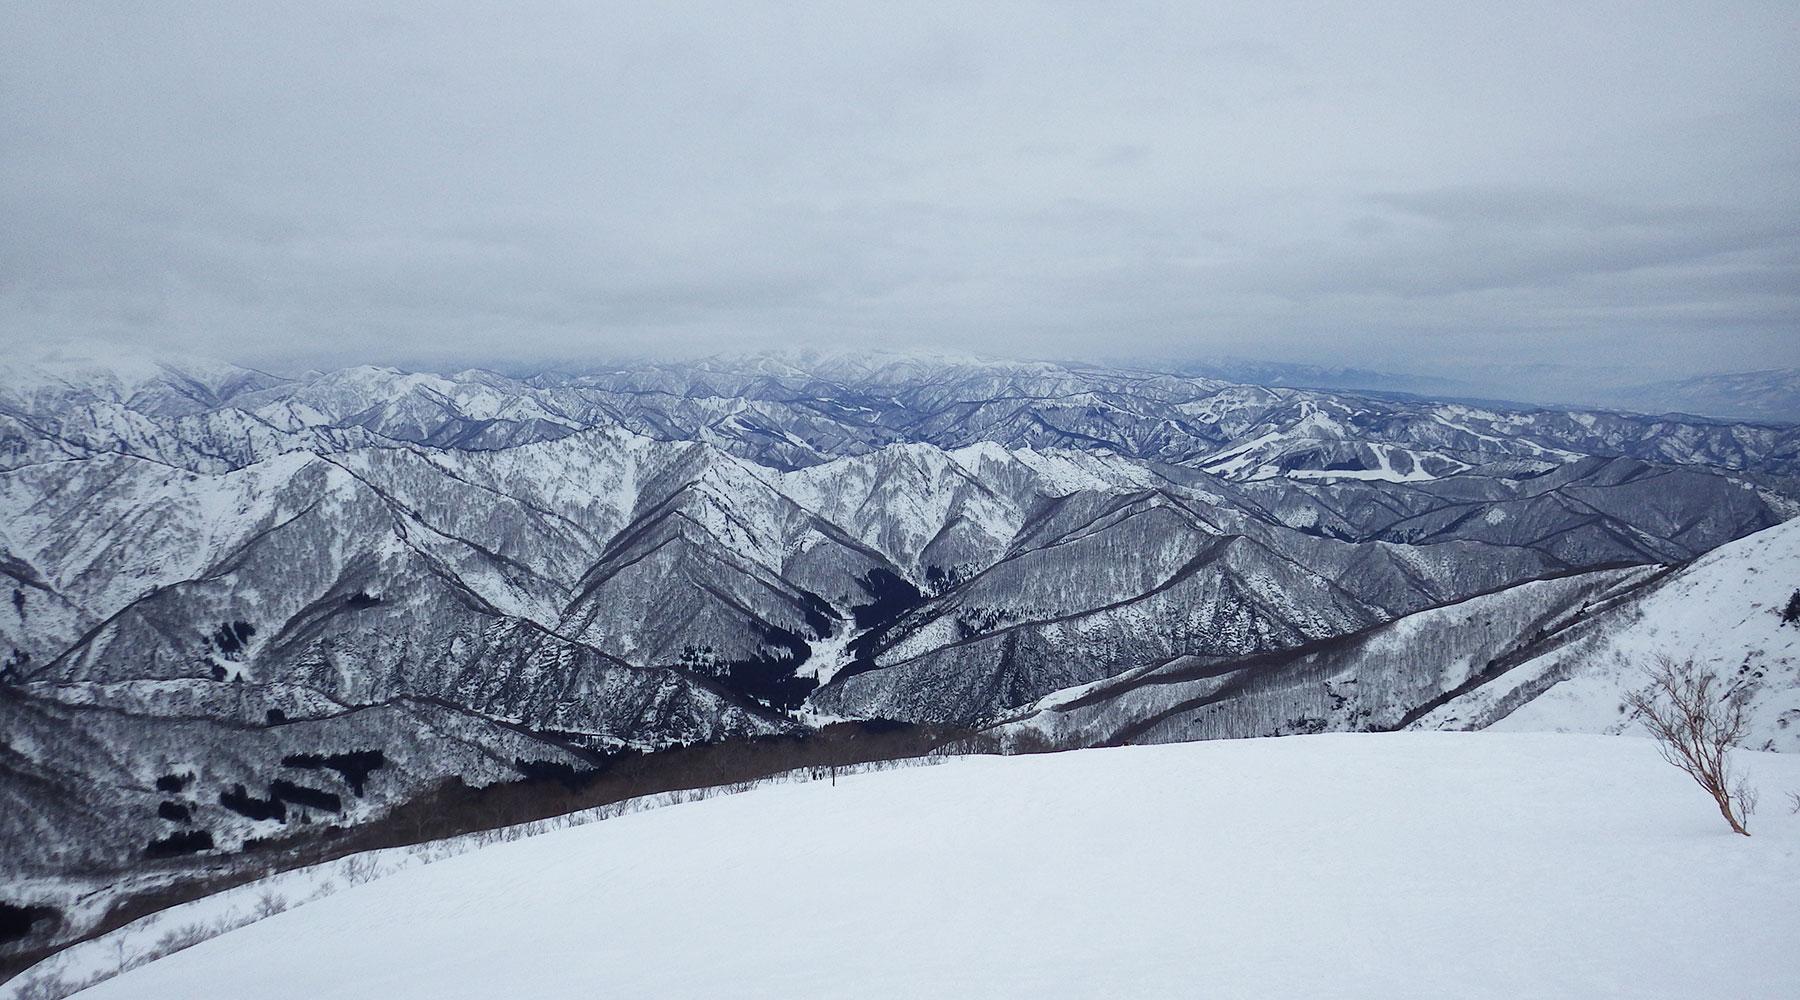 巻機山・井戸尾根中腹から見た北西の風景